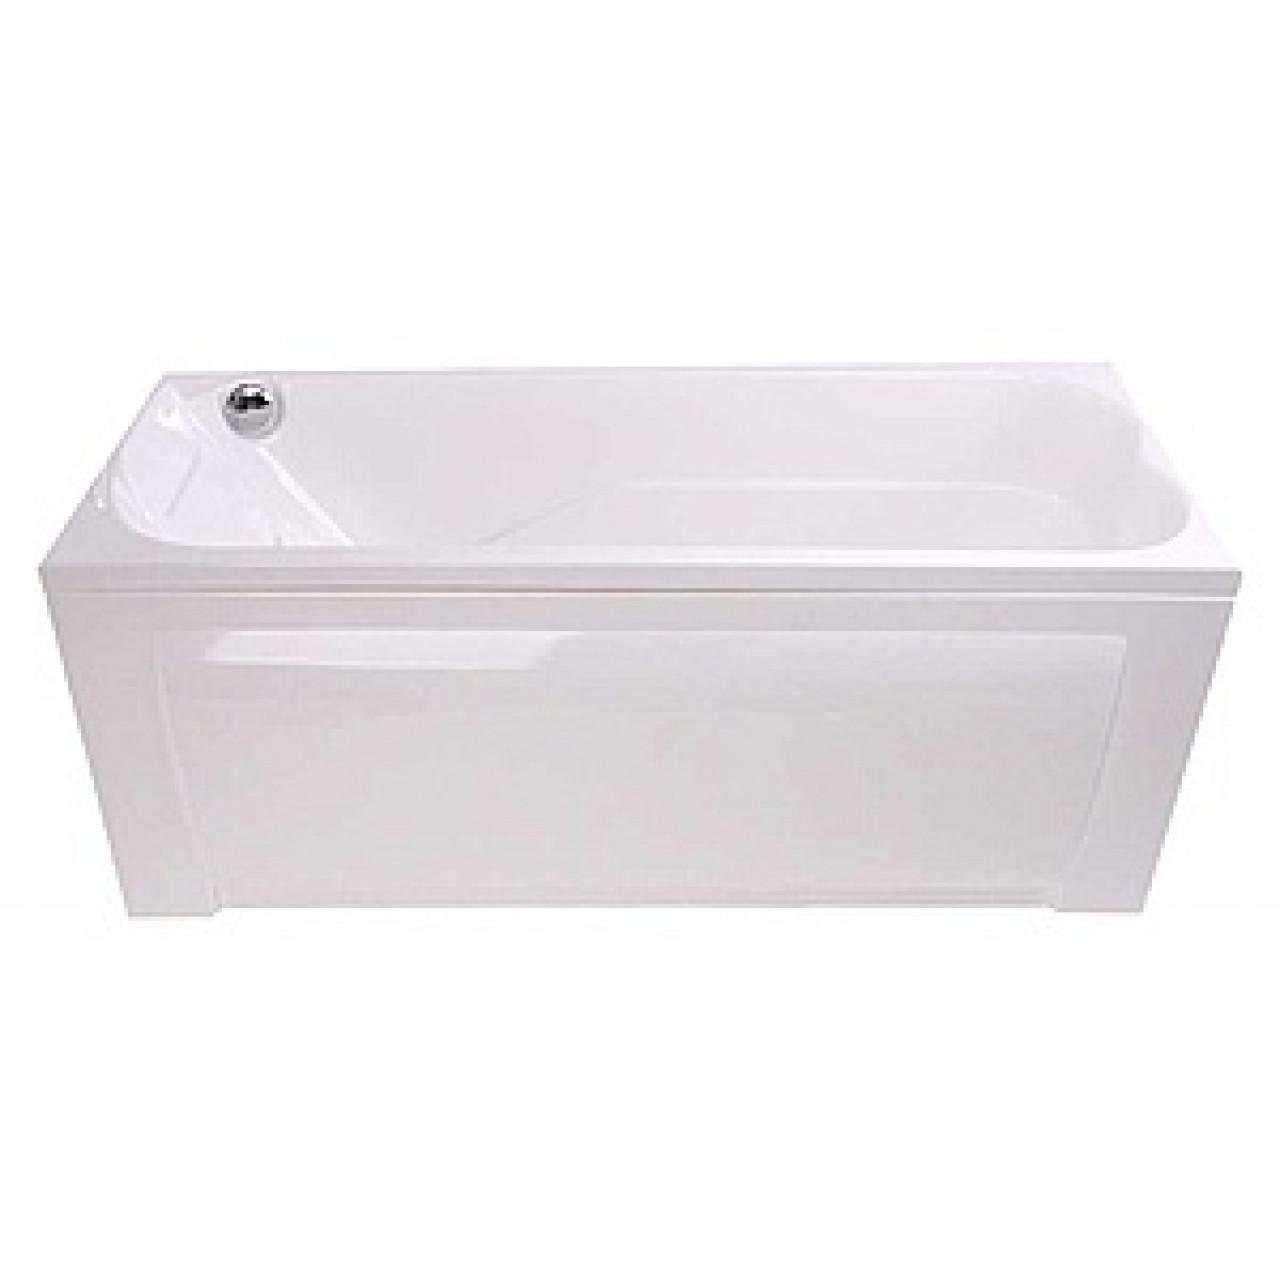 Акриловая ванна Triton Берта 1700х700х680 купить в Москве по цене от 18300р. в интернет-магазине mebel-v-vannu.ru